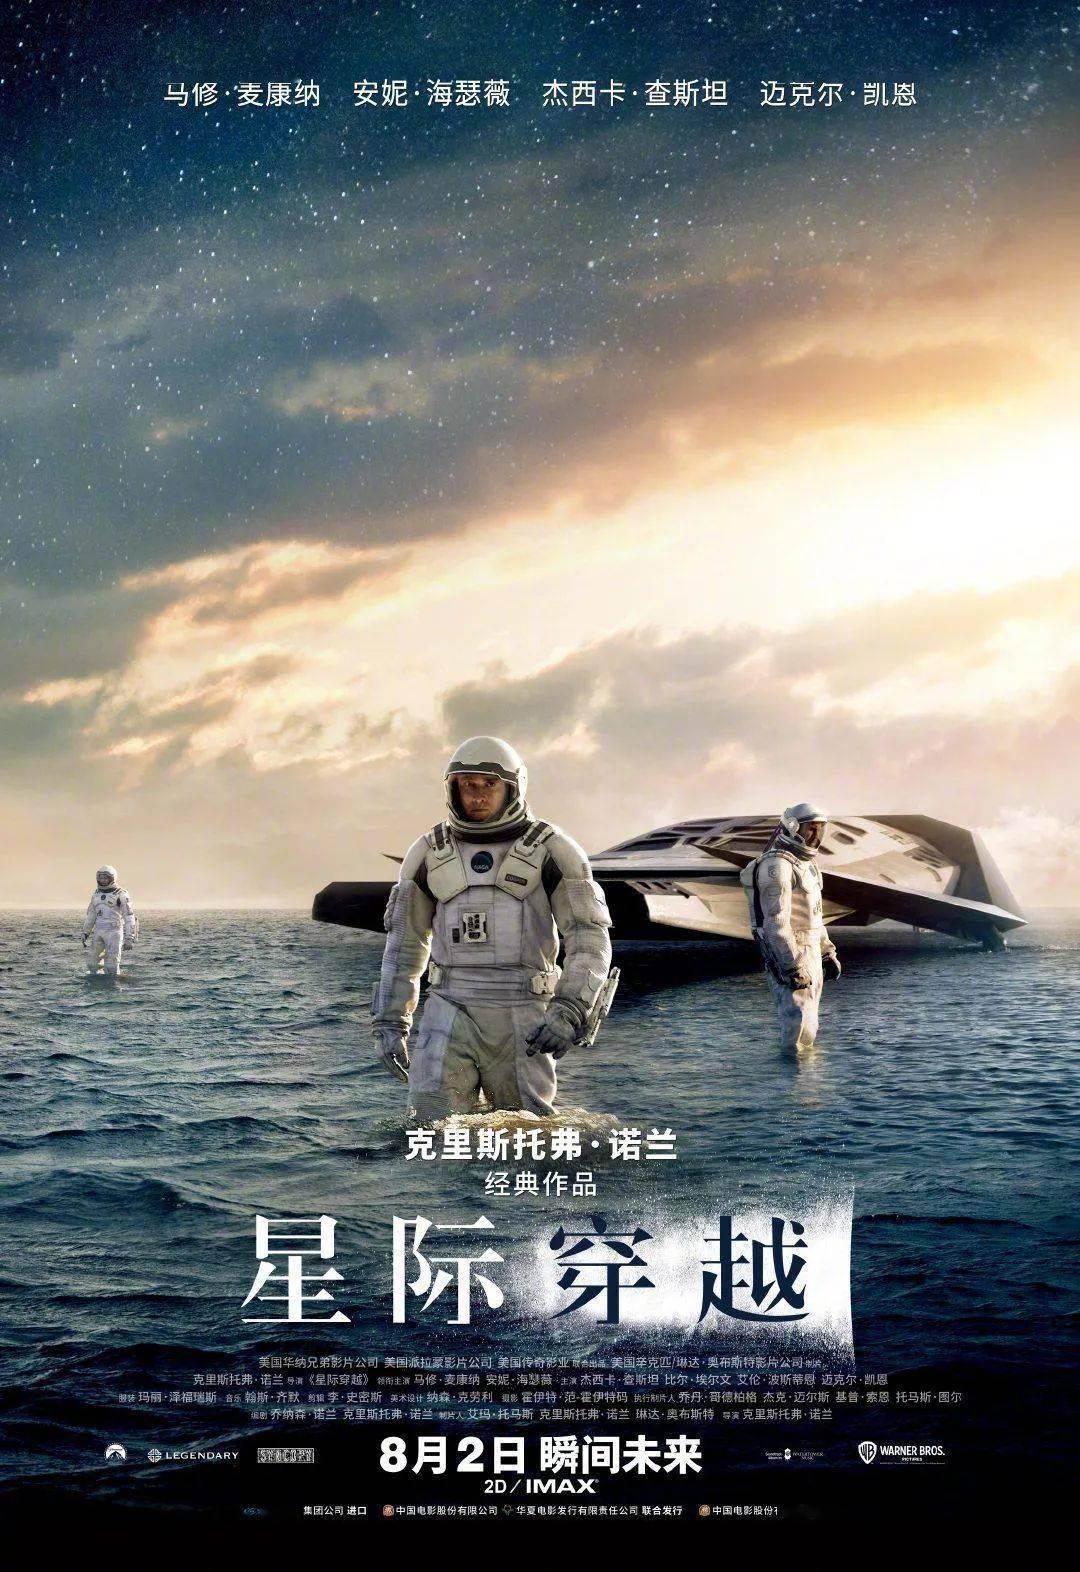 """国家电影局、中国科协印发""""科幻十条"""" 科幻电影未来路在何方"""